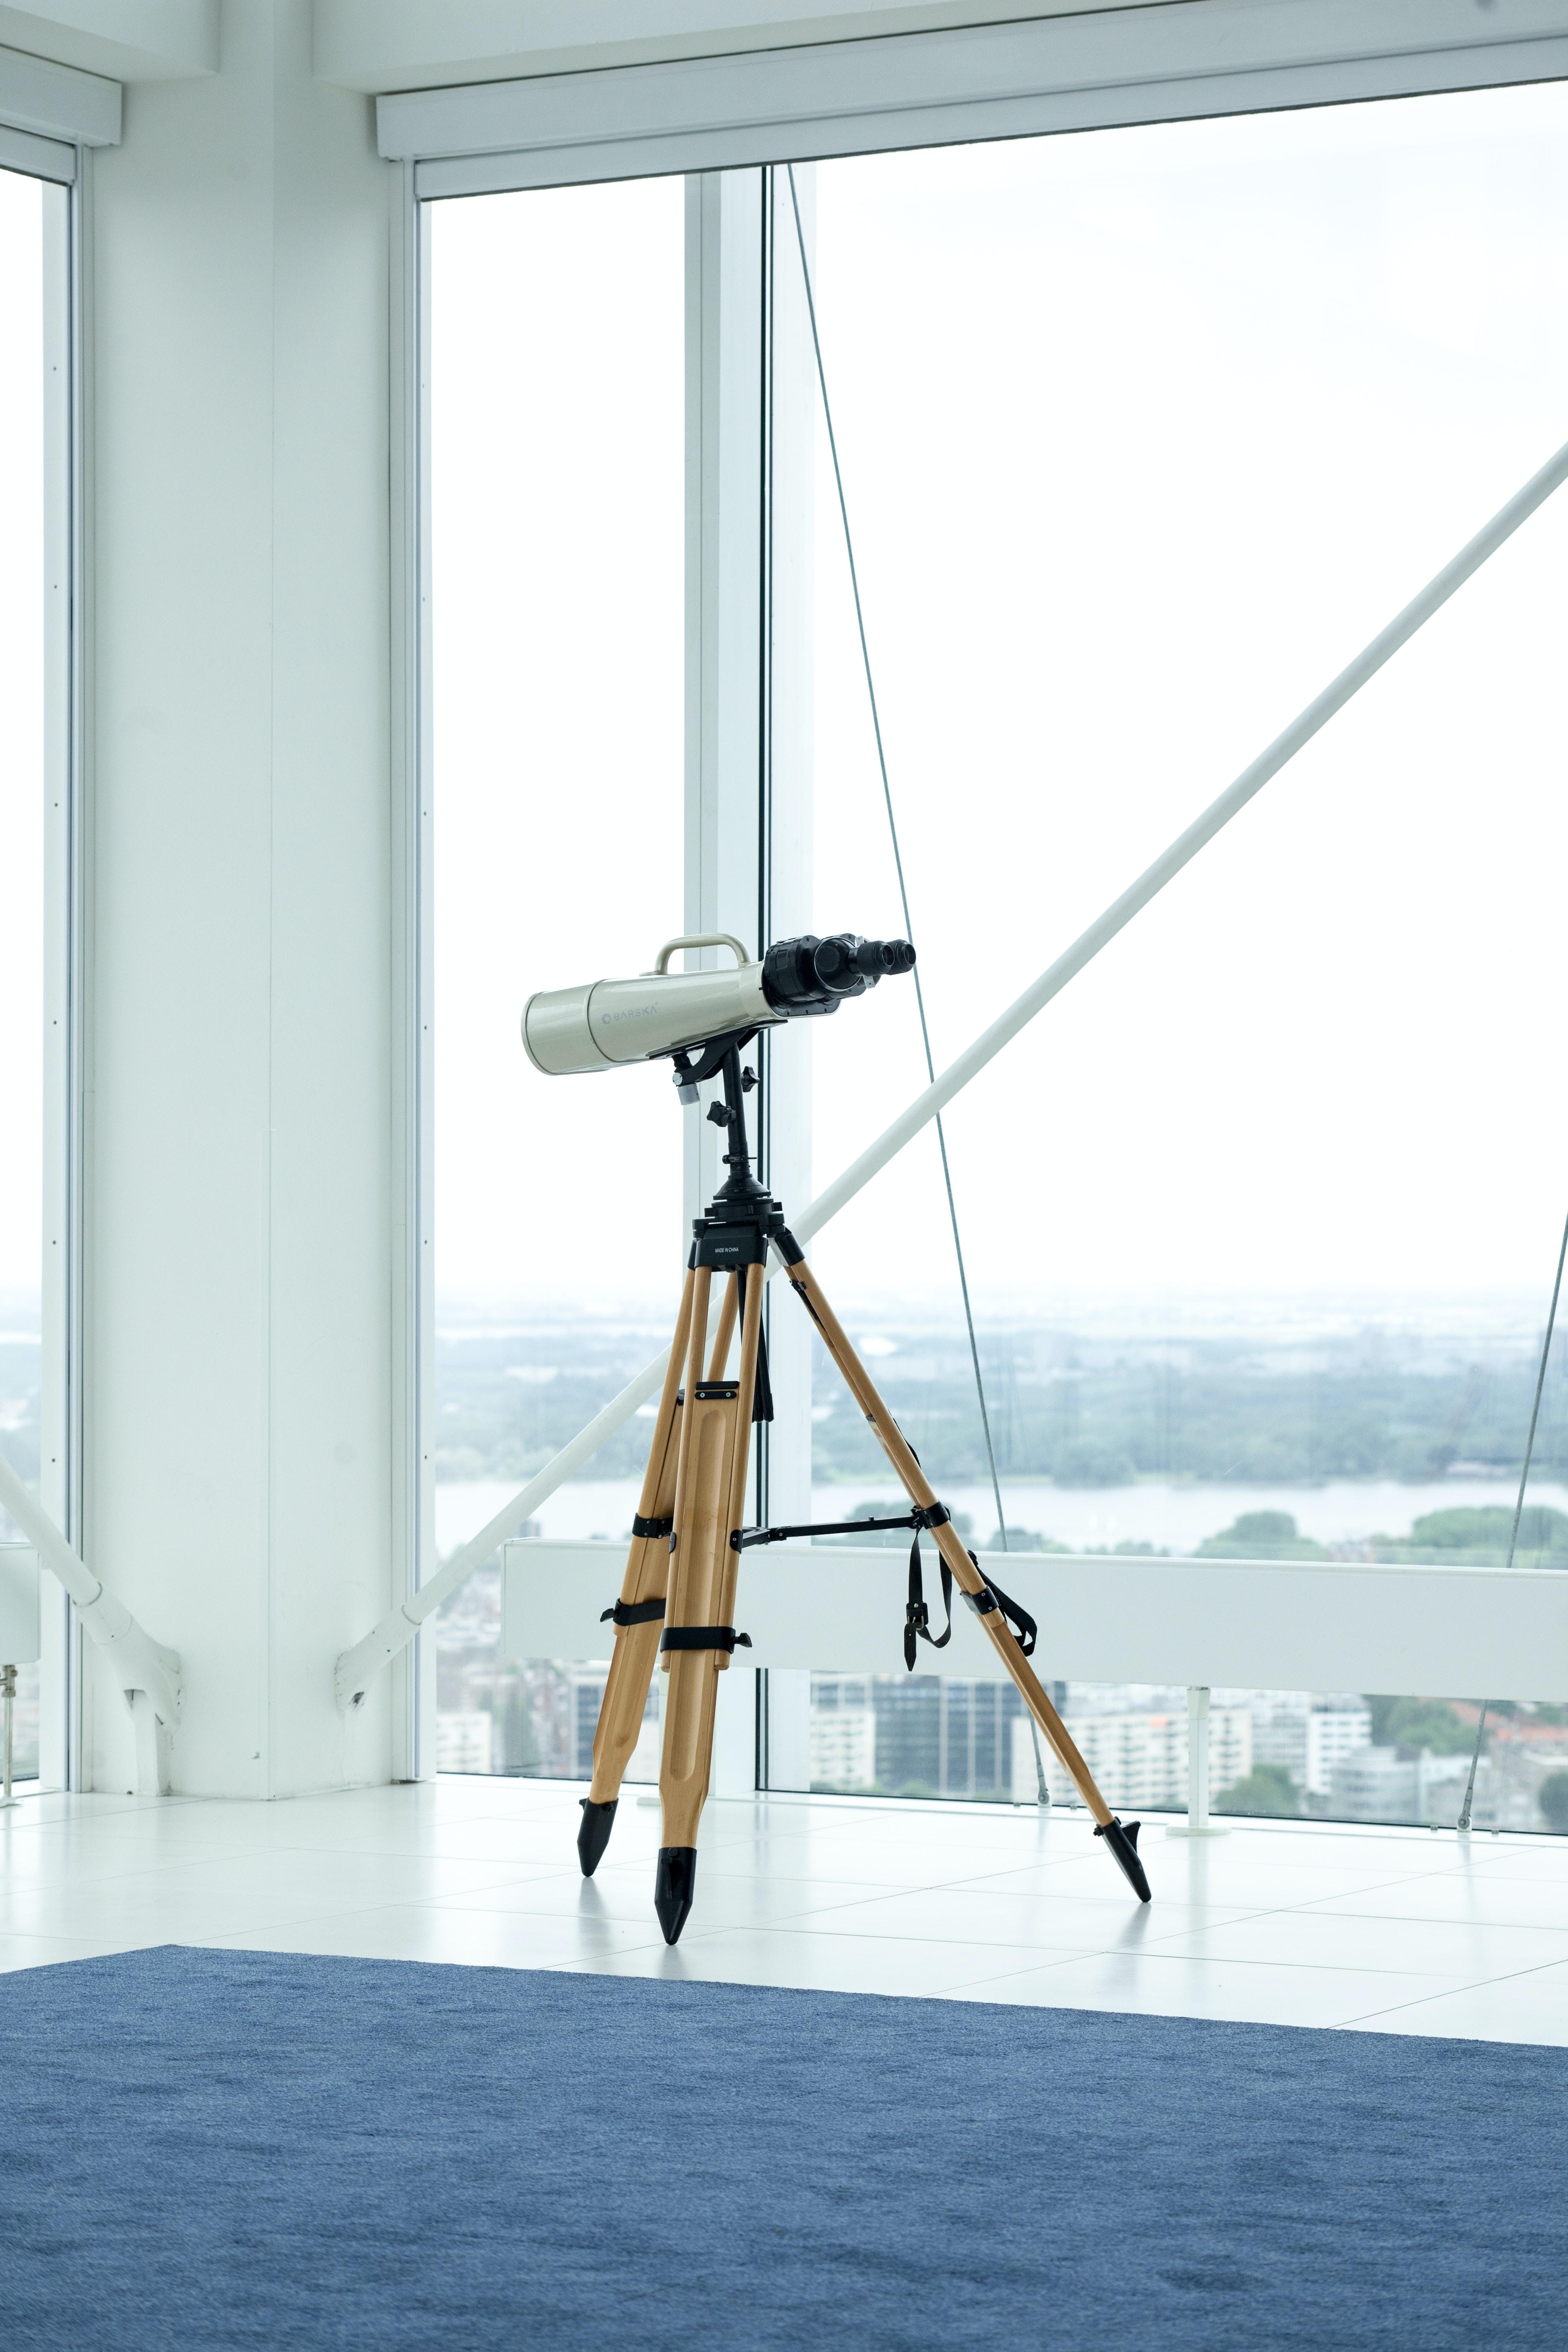 silver telescope beside glass window